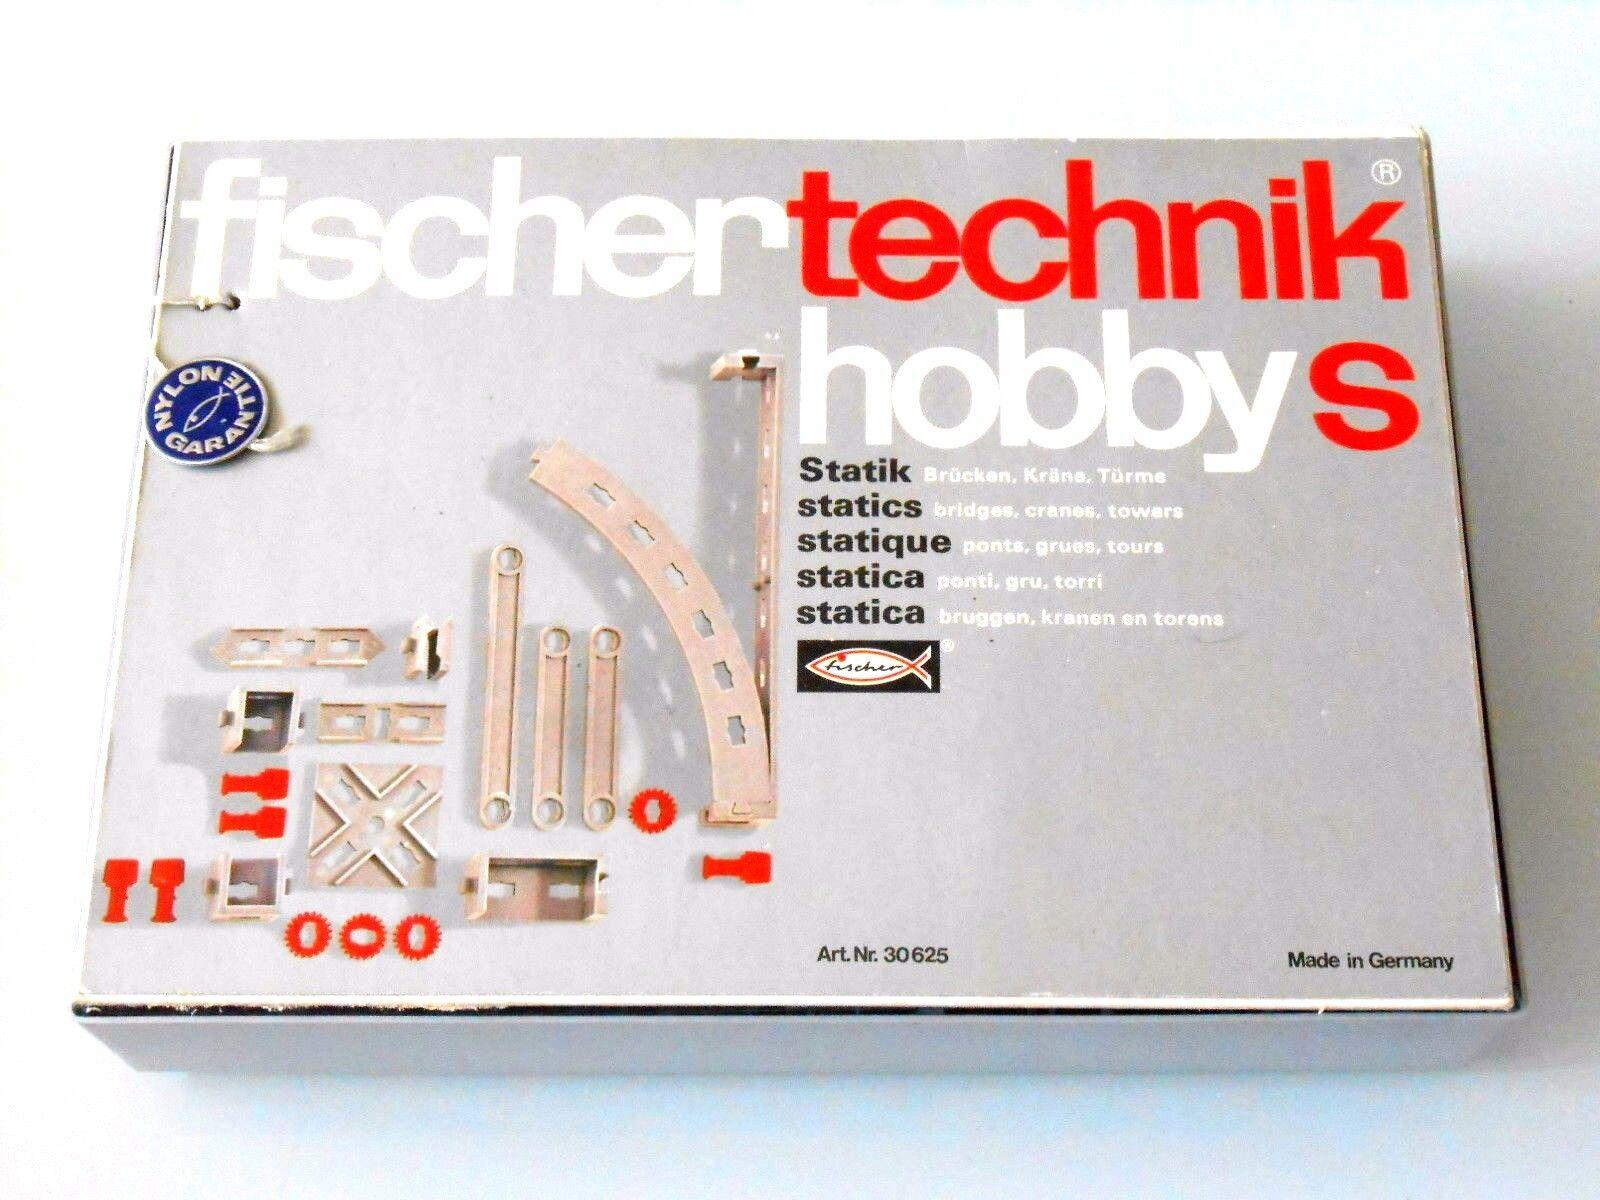 Fischertechnik modulaire U-T S Hobby S avec couvercle  manuel   TOP   comme neuf